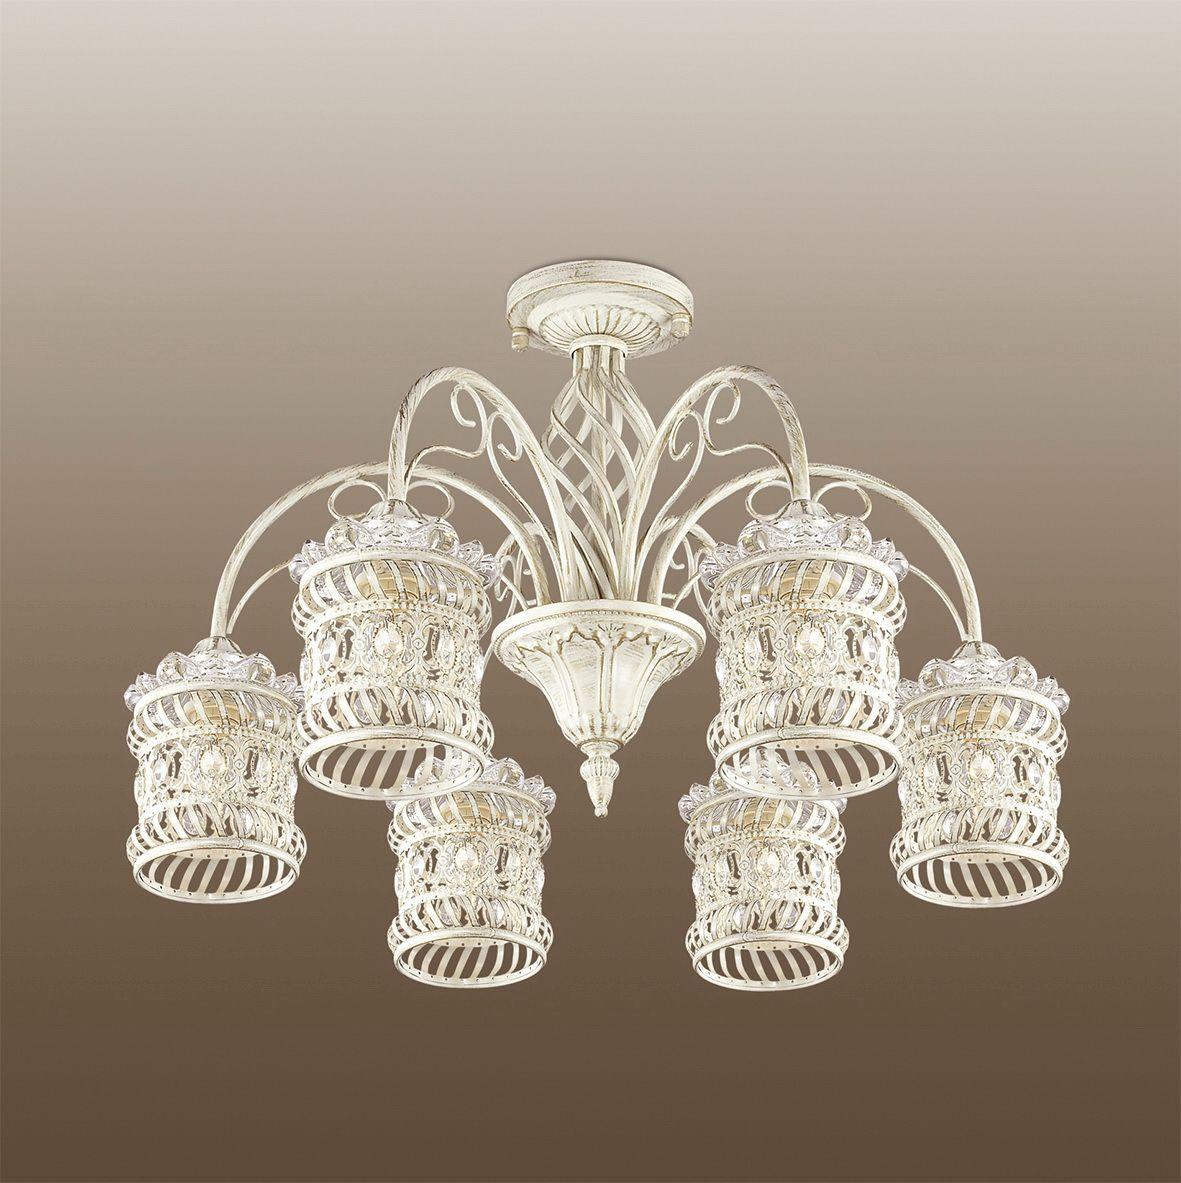 Люстра потолочная Odeon Light Zafran, 6 х E14, 40W. 2837/6C2837/6C